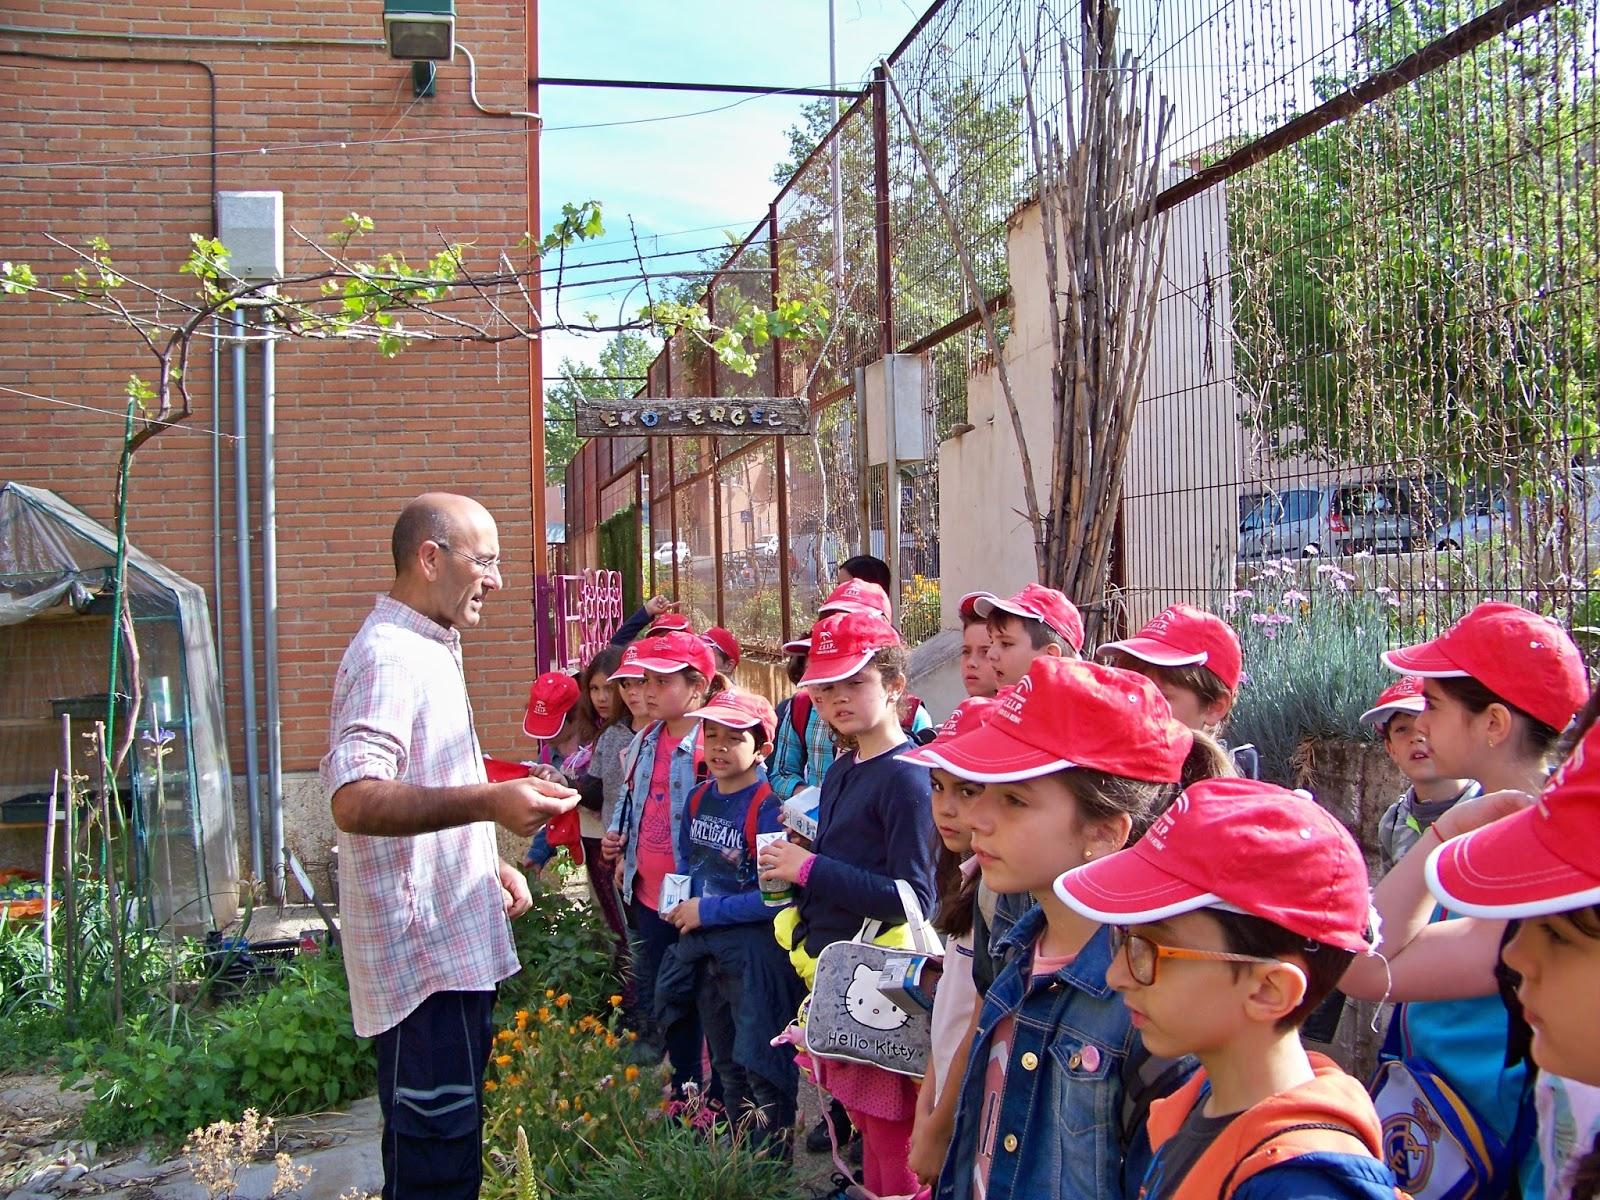 El jard n the garden 2 ciclo visita al ies zaidin for Jardin de la reina granada